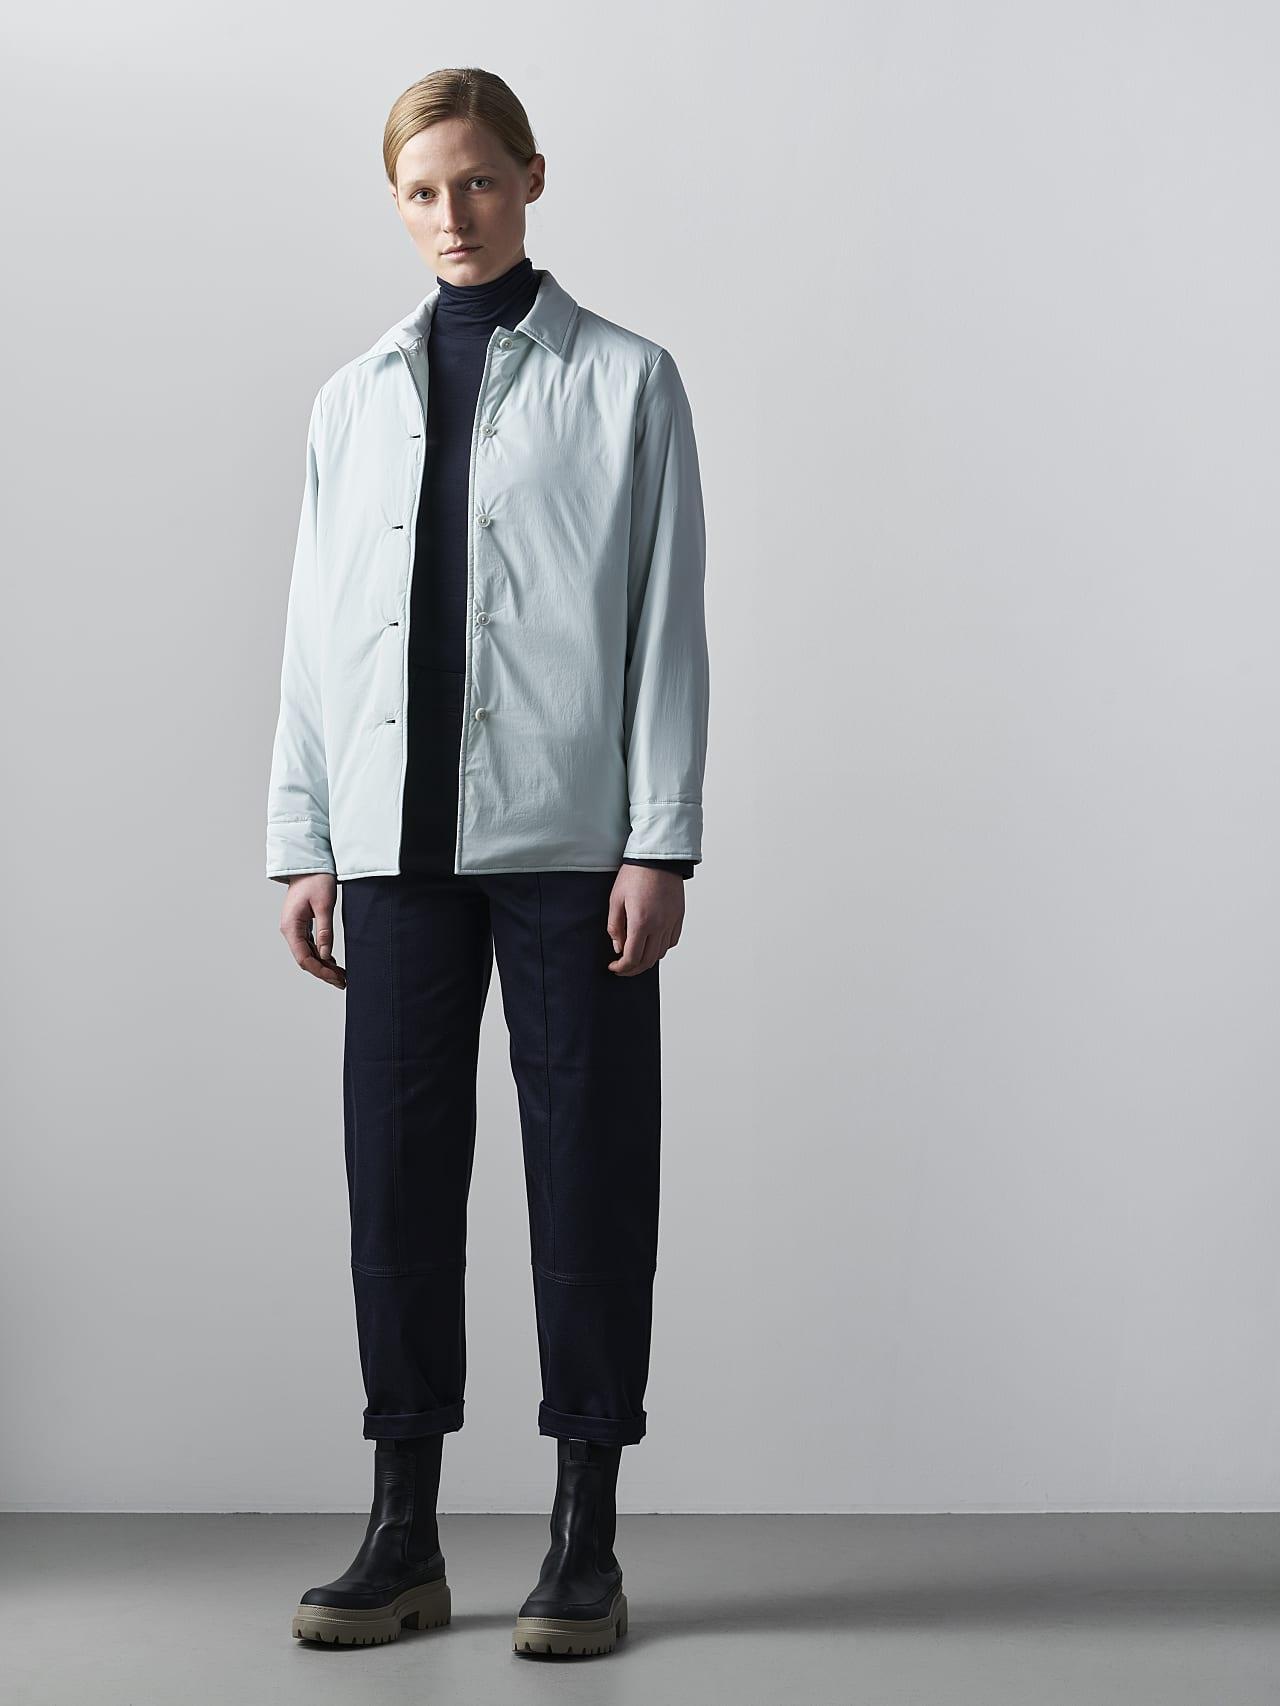 OSHEN V1.Y5.02 PrimaLoft® Overshirt Jacket Pale Blue  Front Alpha Tauri